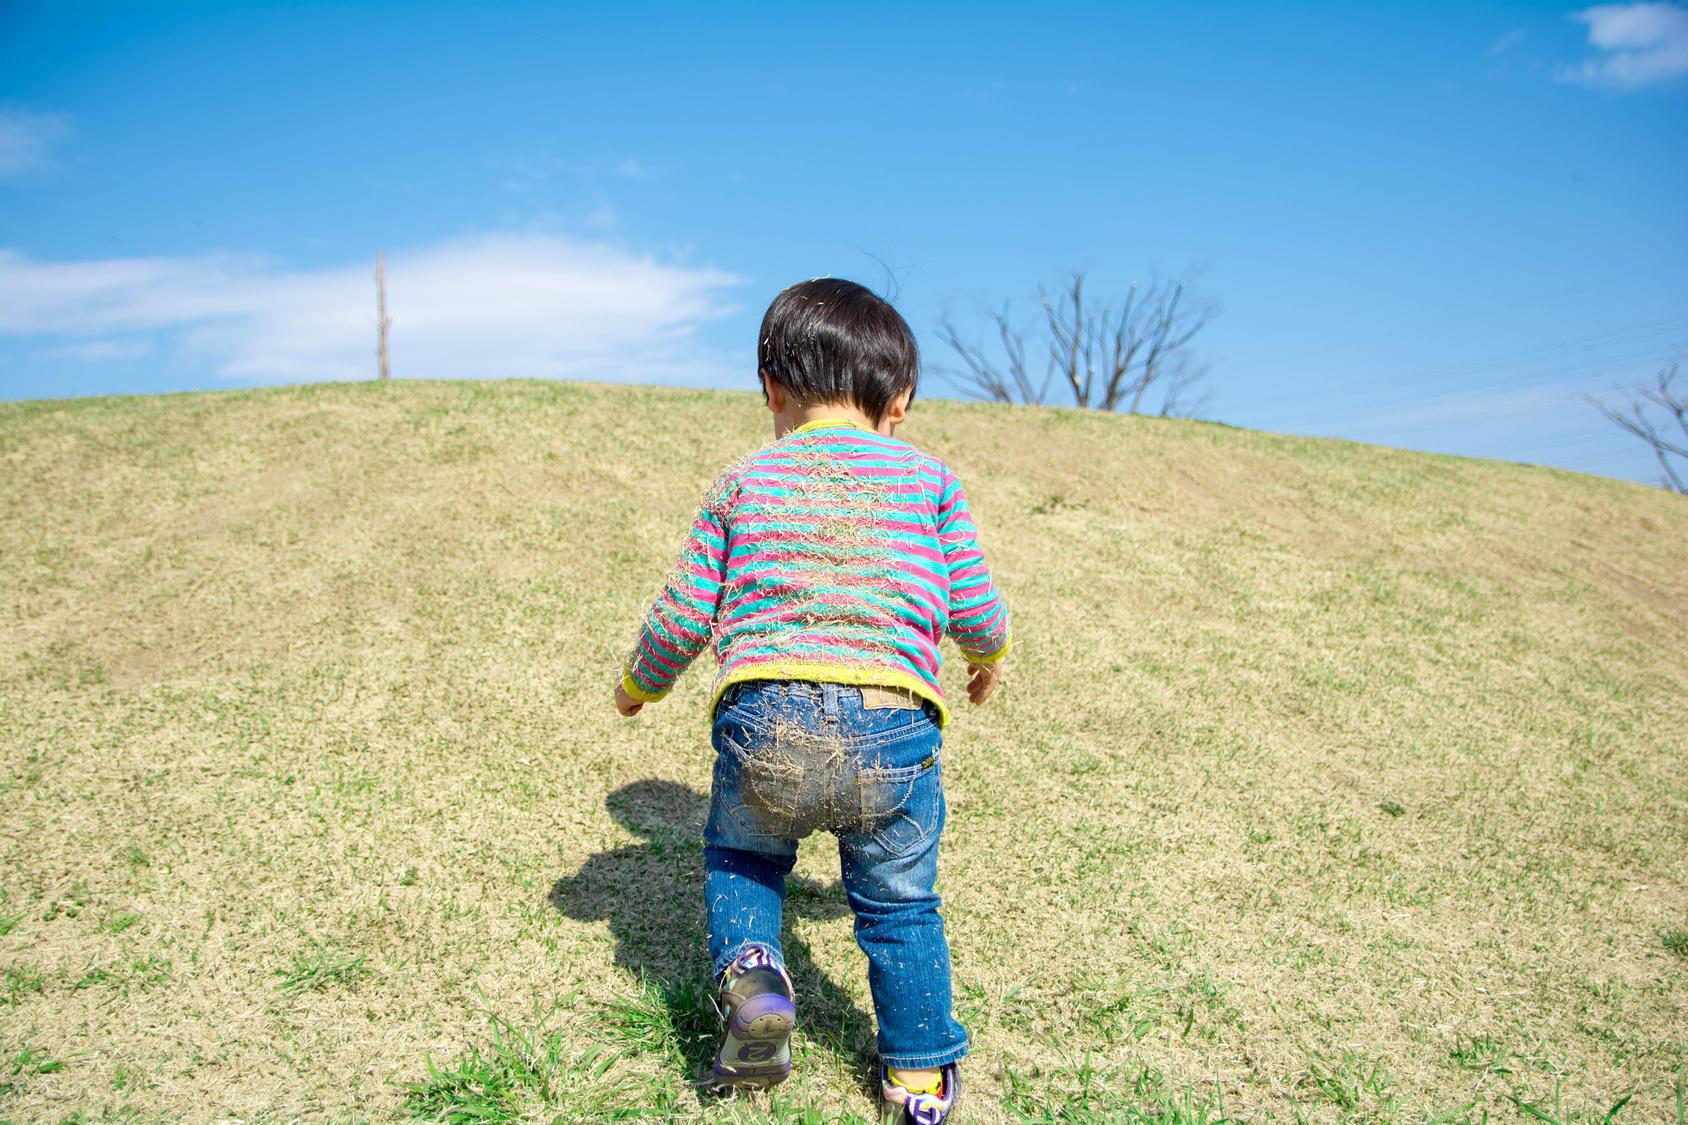 待機児童数過去最少に~厚労省が保育所等関連状況取りまとめを公表